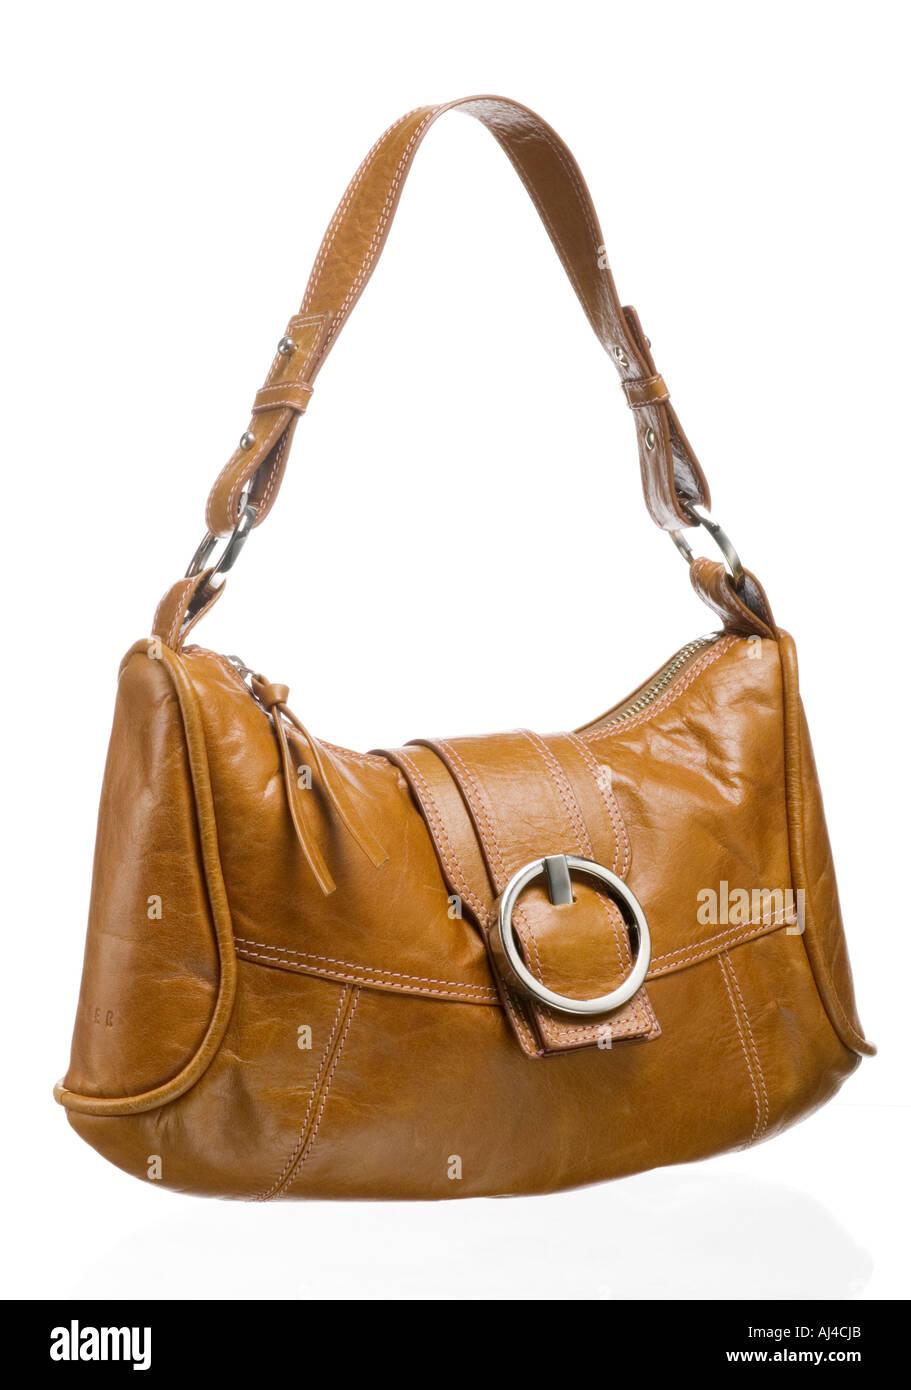 Damen Leder Handtasche mit Schultergurt und Schnalle Stockbild